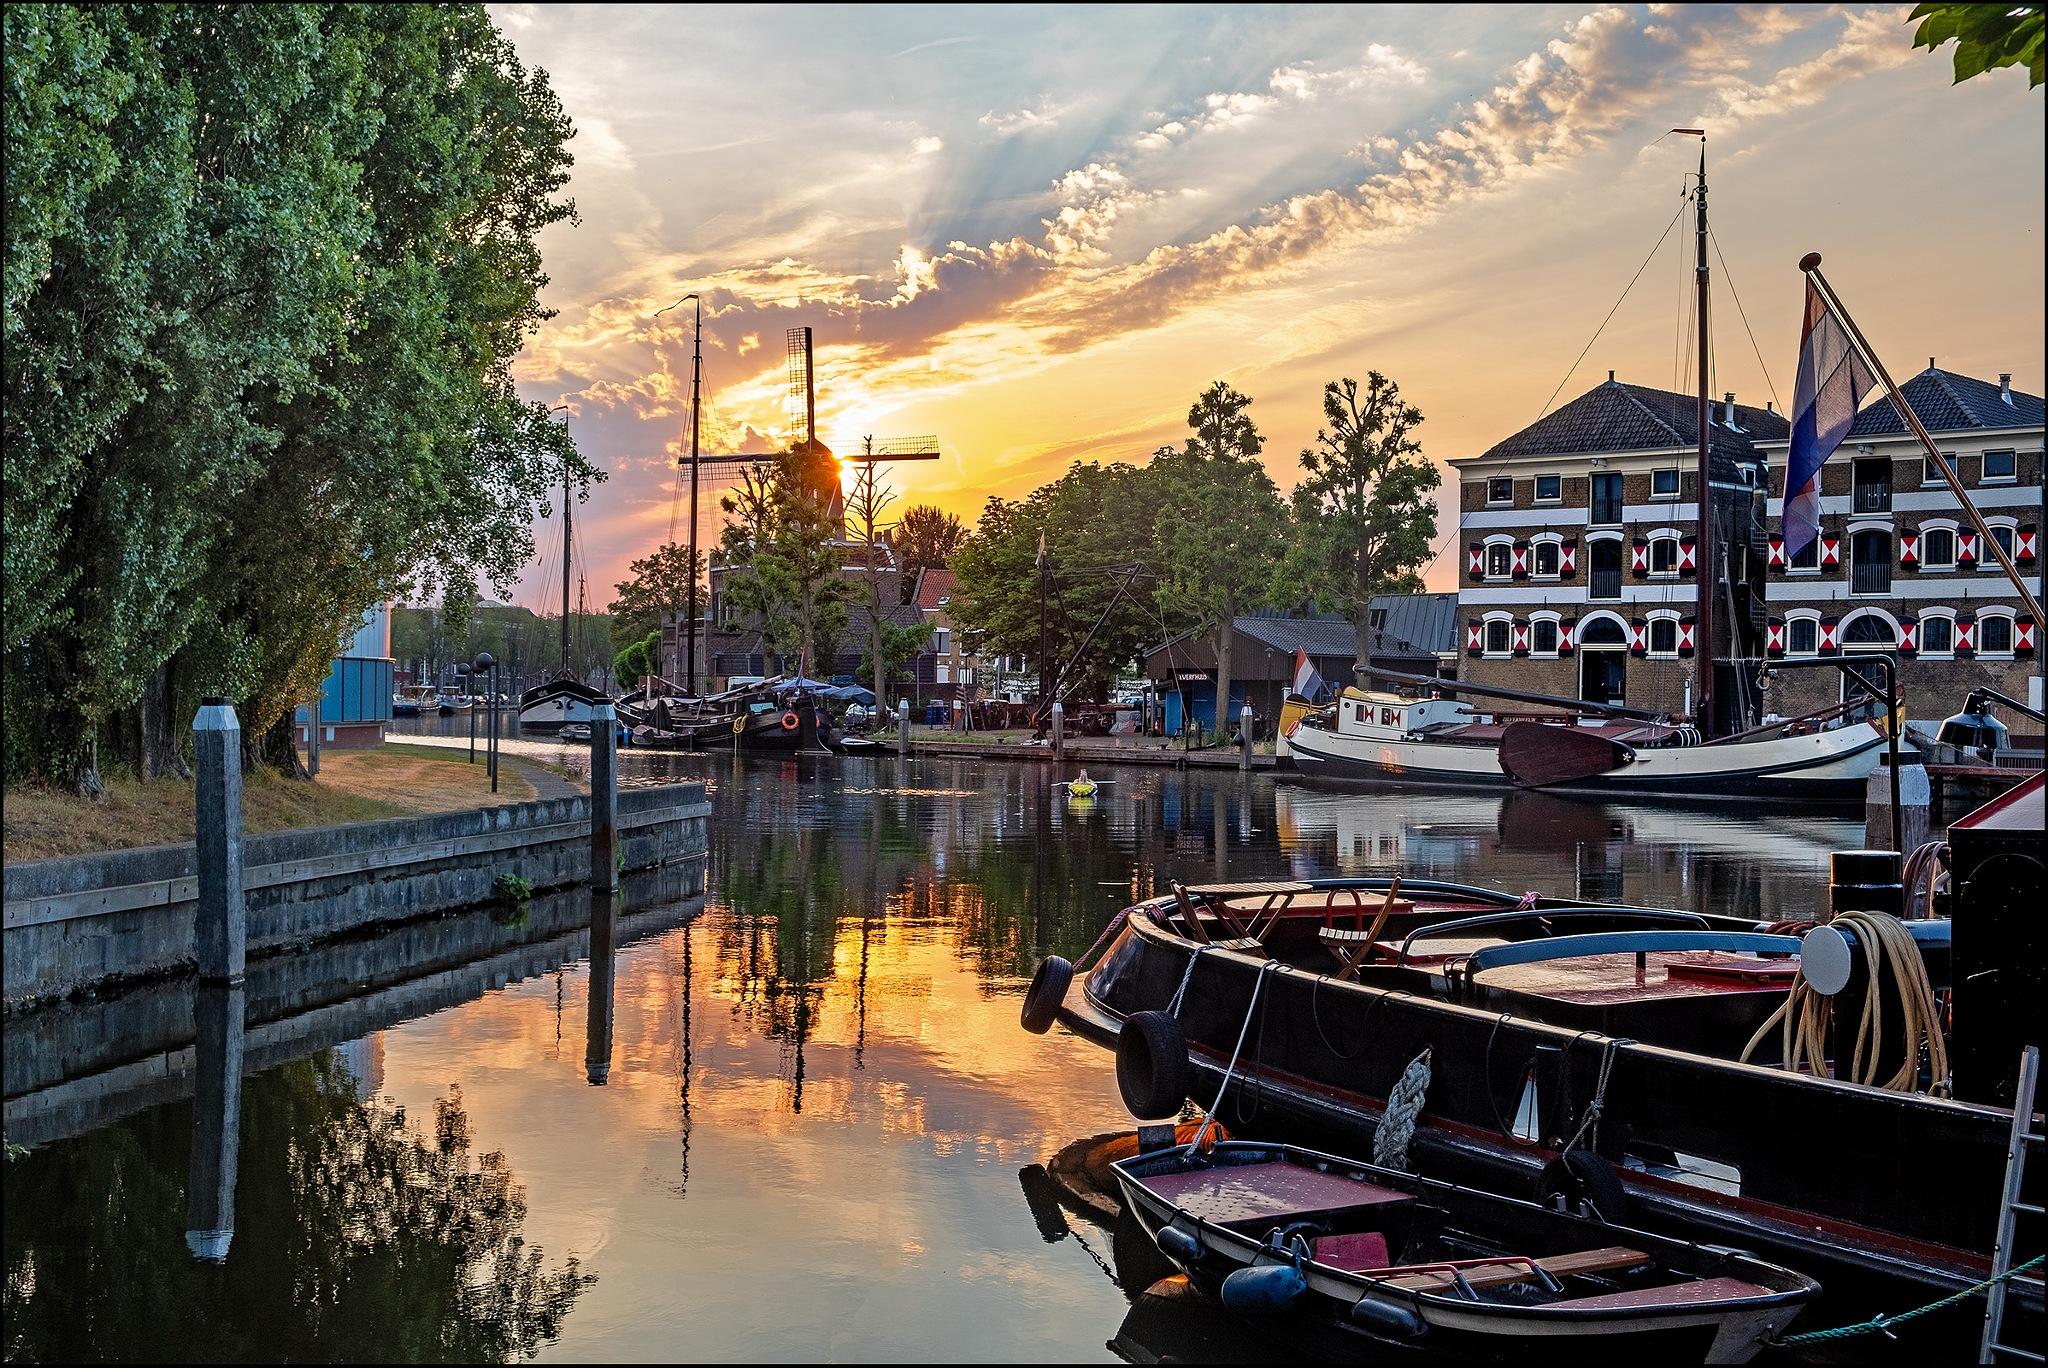 Gouda - Binnenhaven / Turfsingel by Bram de Mooij